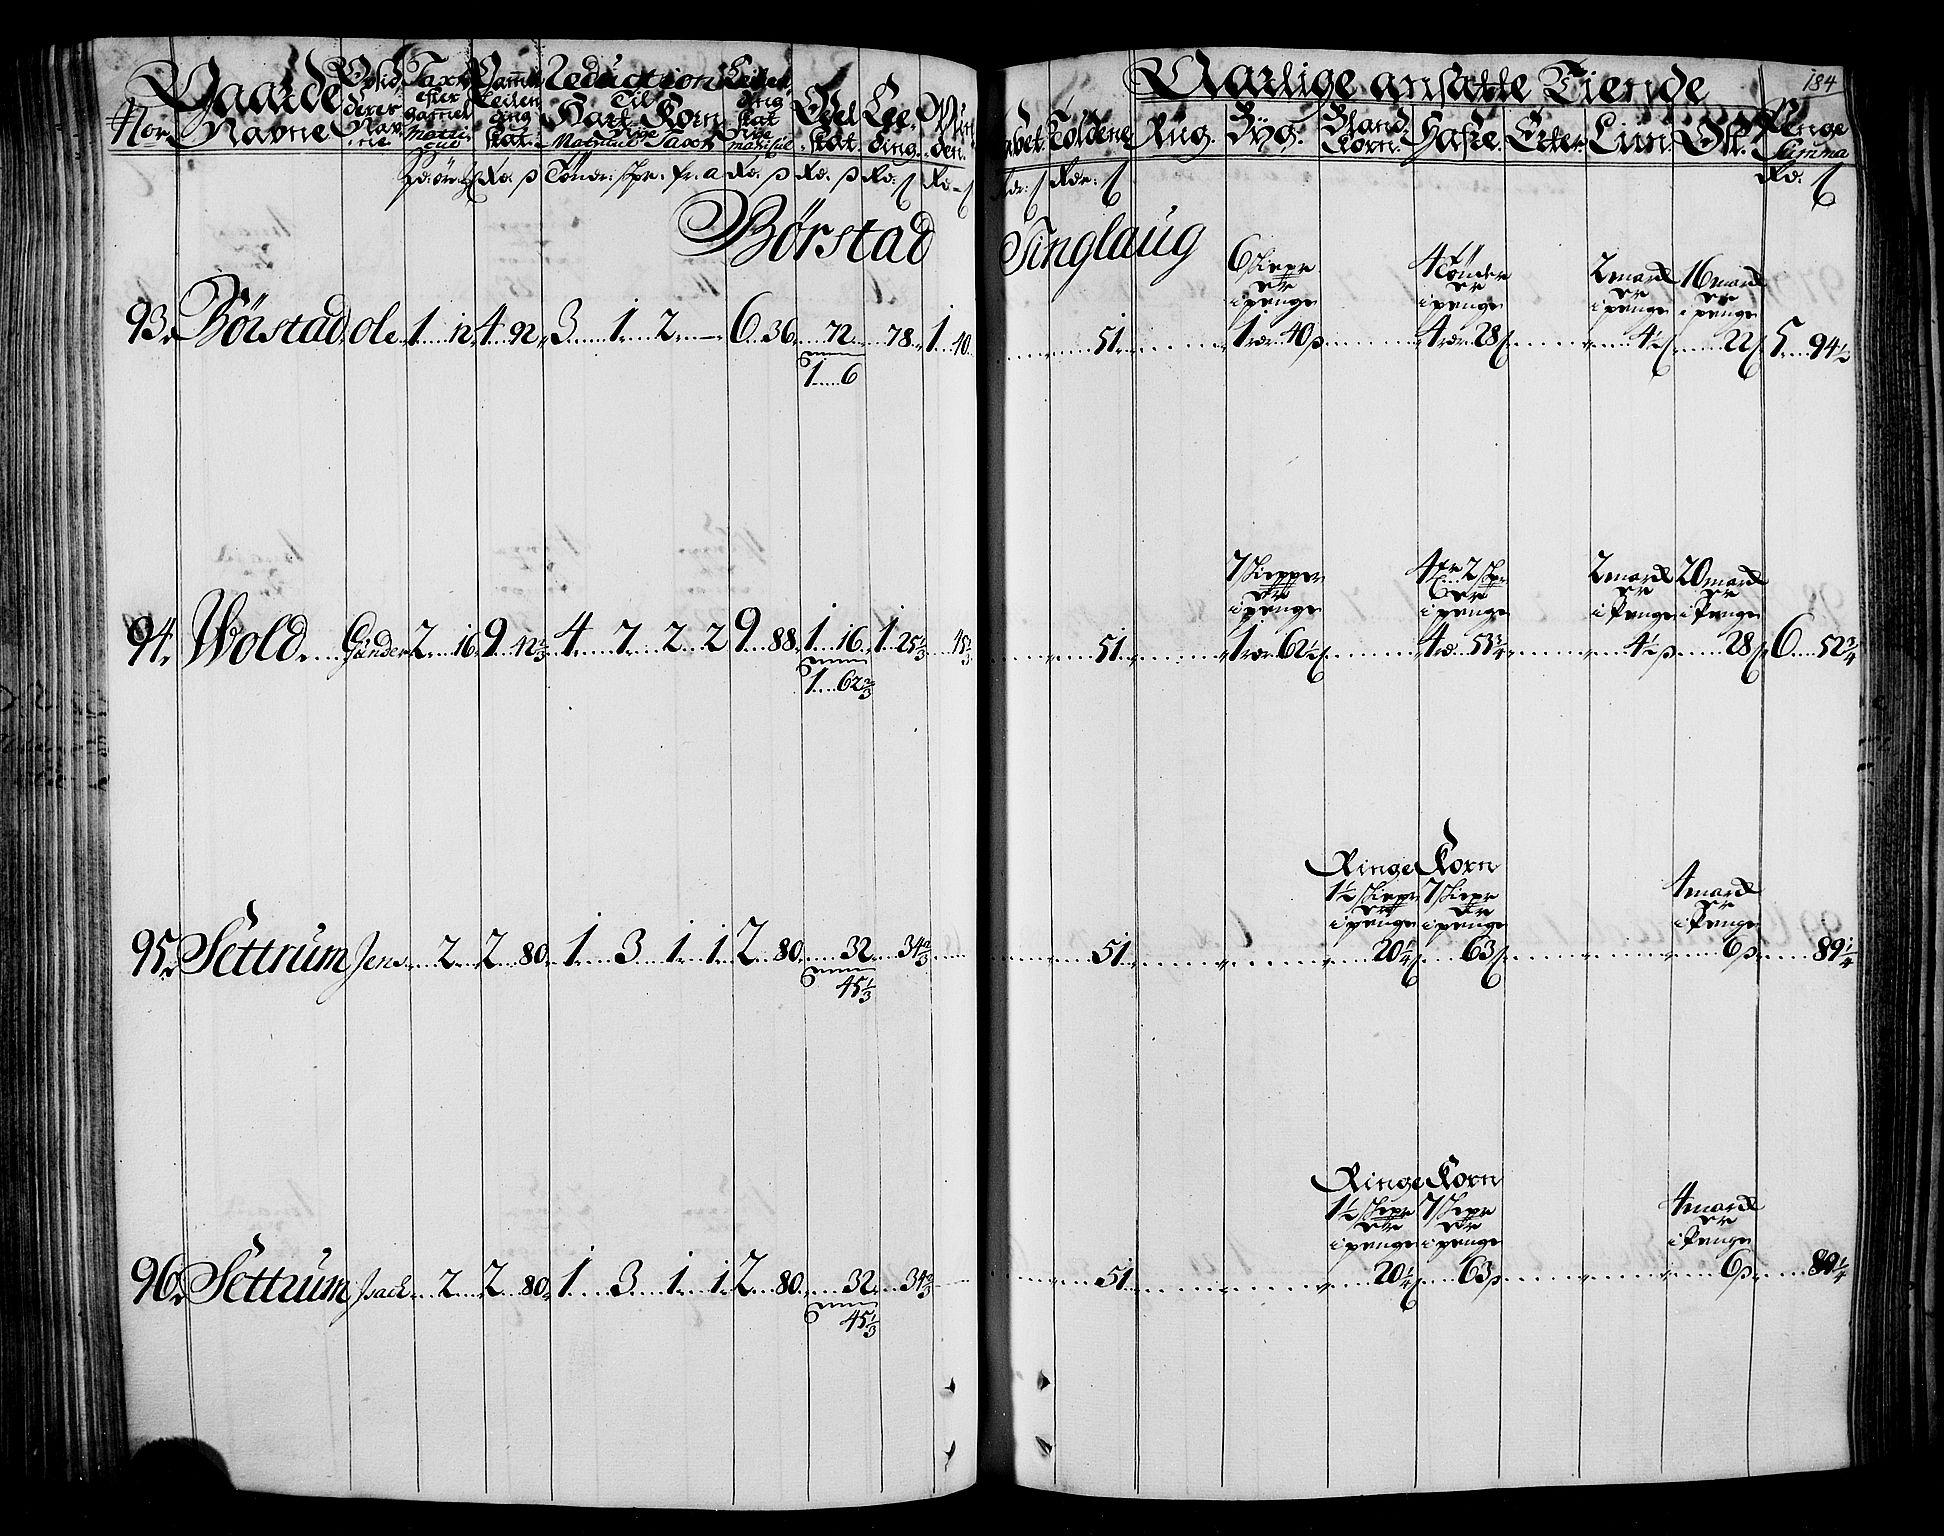 RA, Rentekammeret inntil 1814, Realistisk ordnet avdeling, N/Nb/Nbf/L0165: Stjørdal og Verdal matrikkelprotokoll, 1723, s. 183b-184a